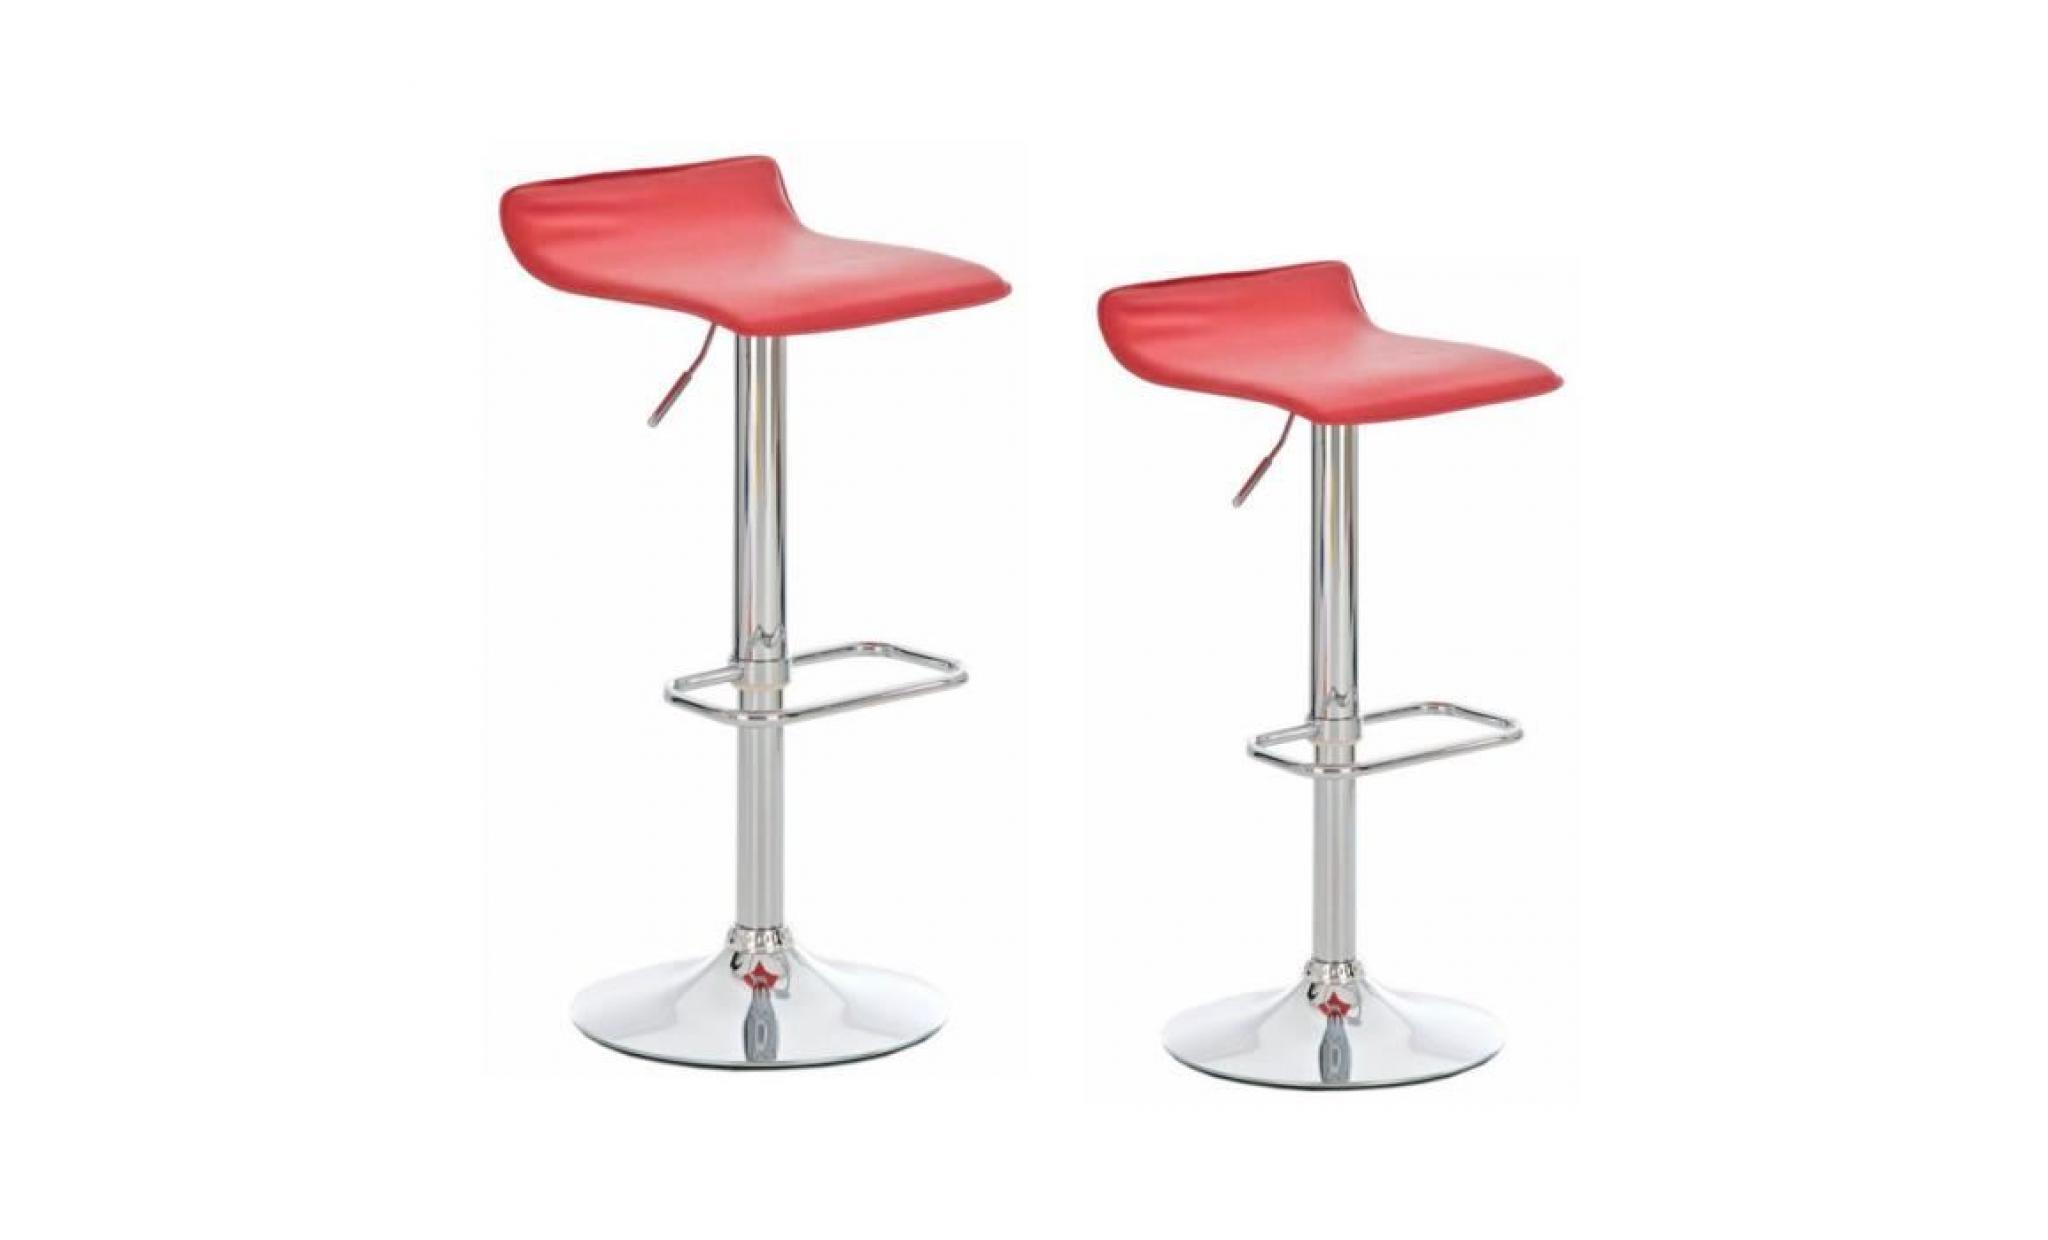 lololoo 2 pcs tabouret de bar, rouge, chaise fauteuil bar cuisine américaine neuf